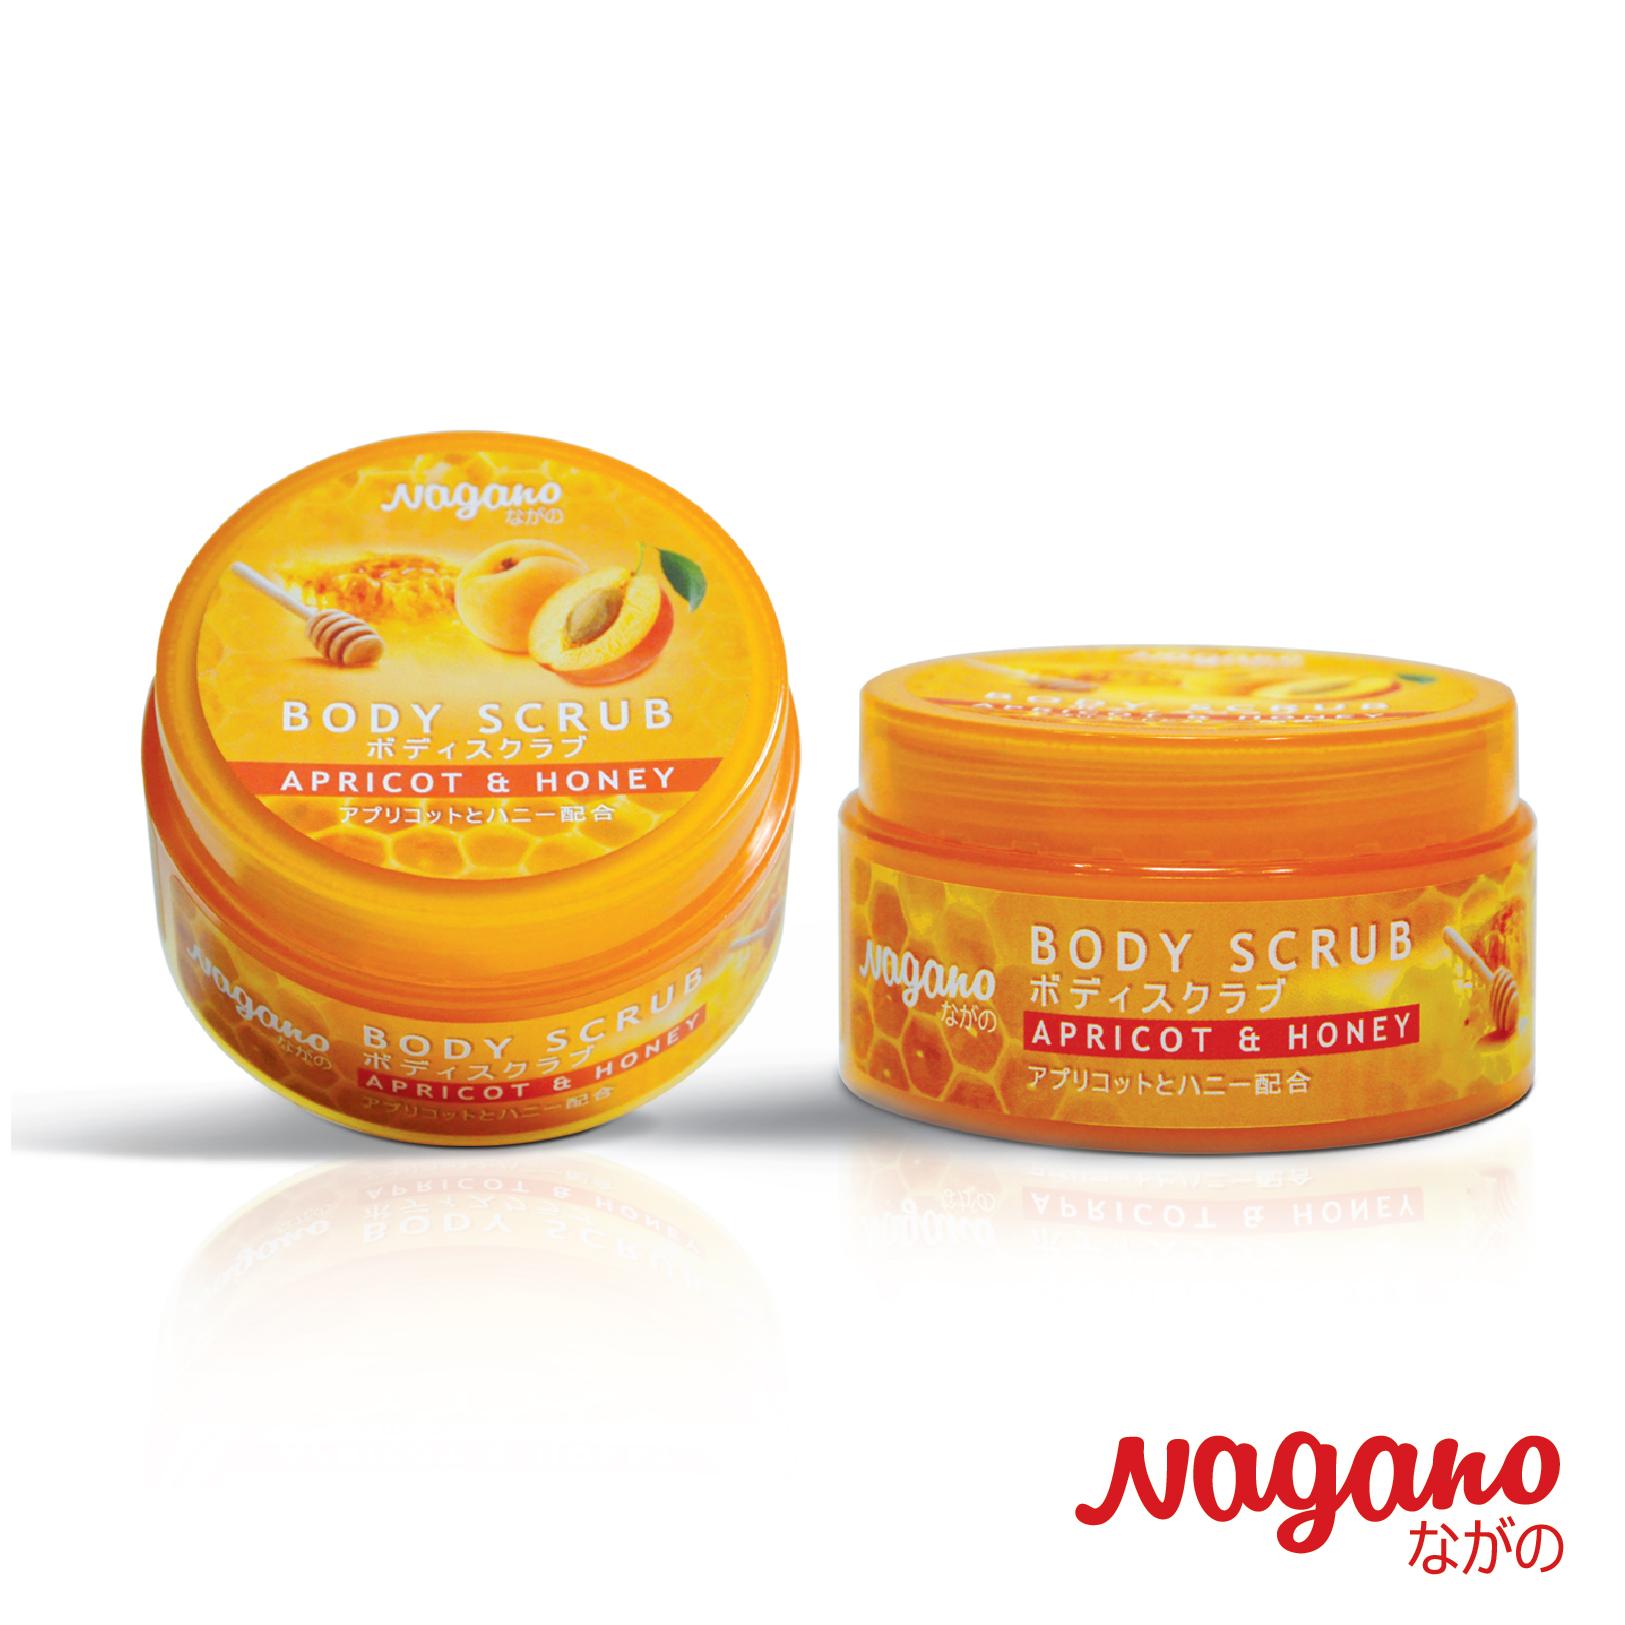 TẨY TẾ BÀO CHẾT MẬT ONG và TINH DẦU HẠT MƠ NAGANO - 100ml